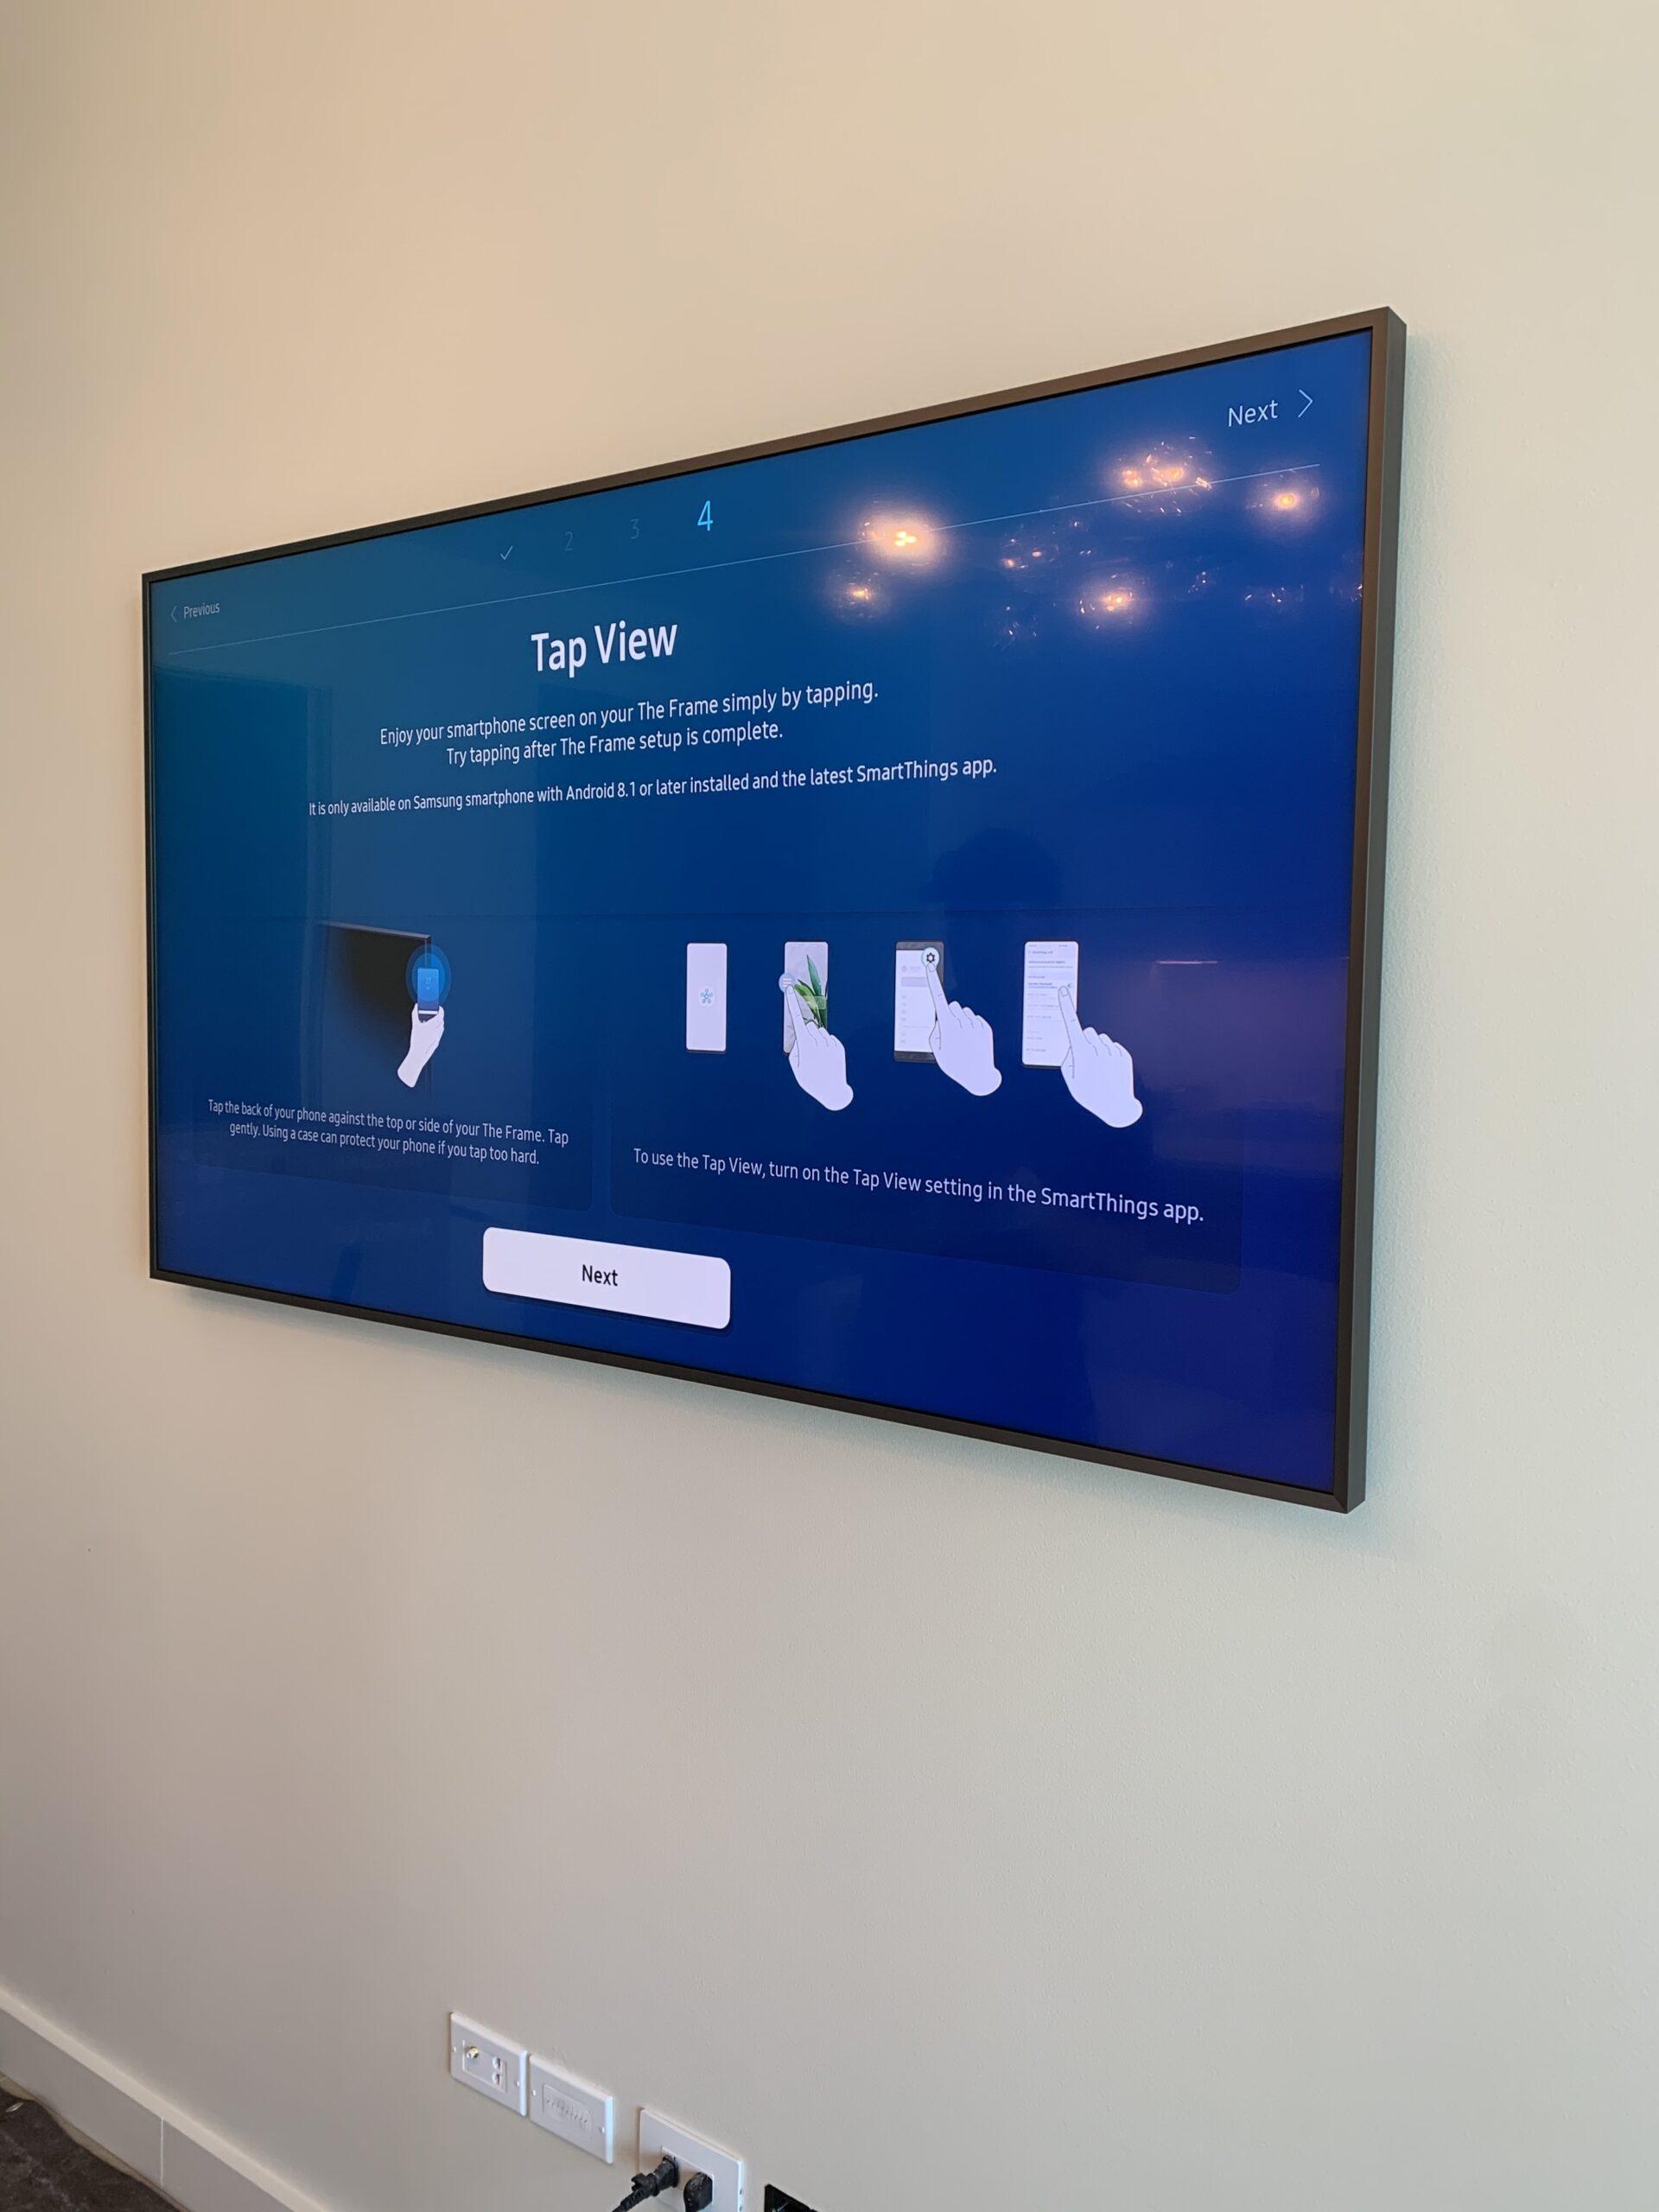 Samsung framed TV installed on wall